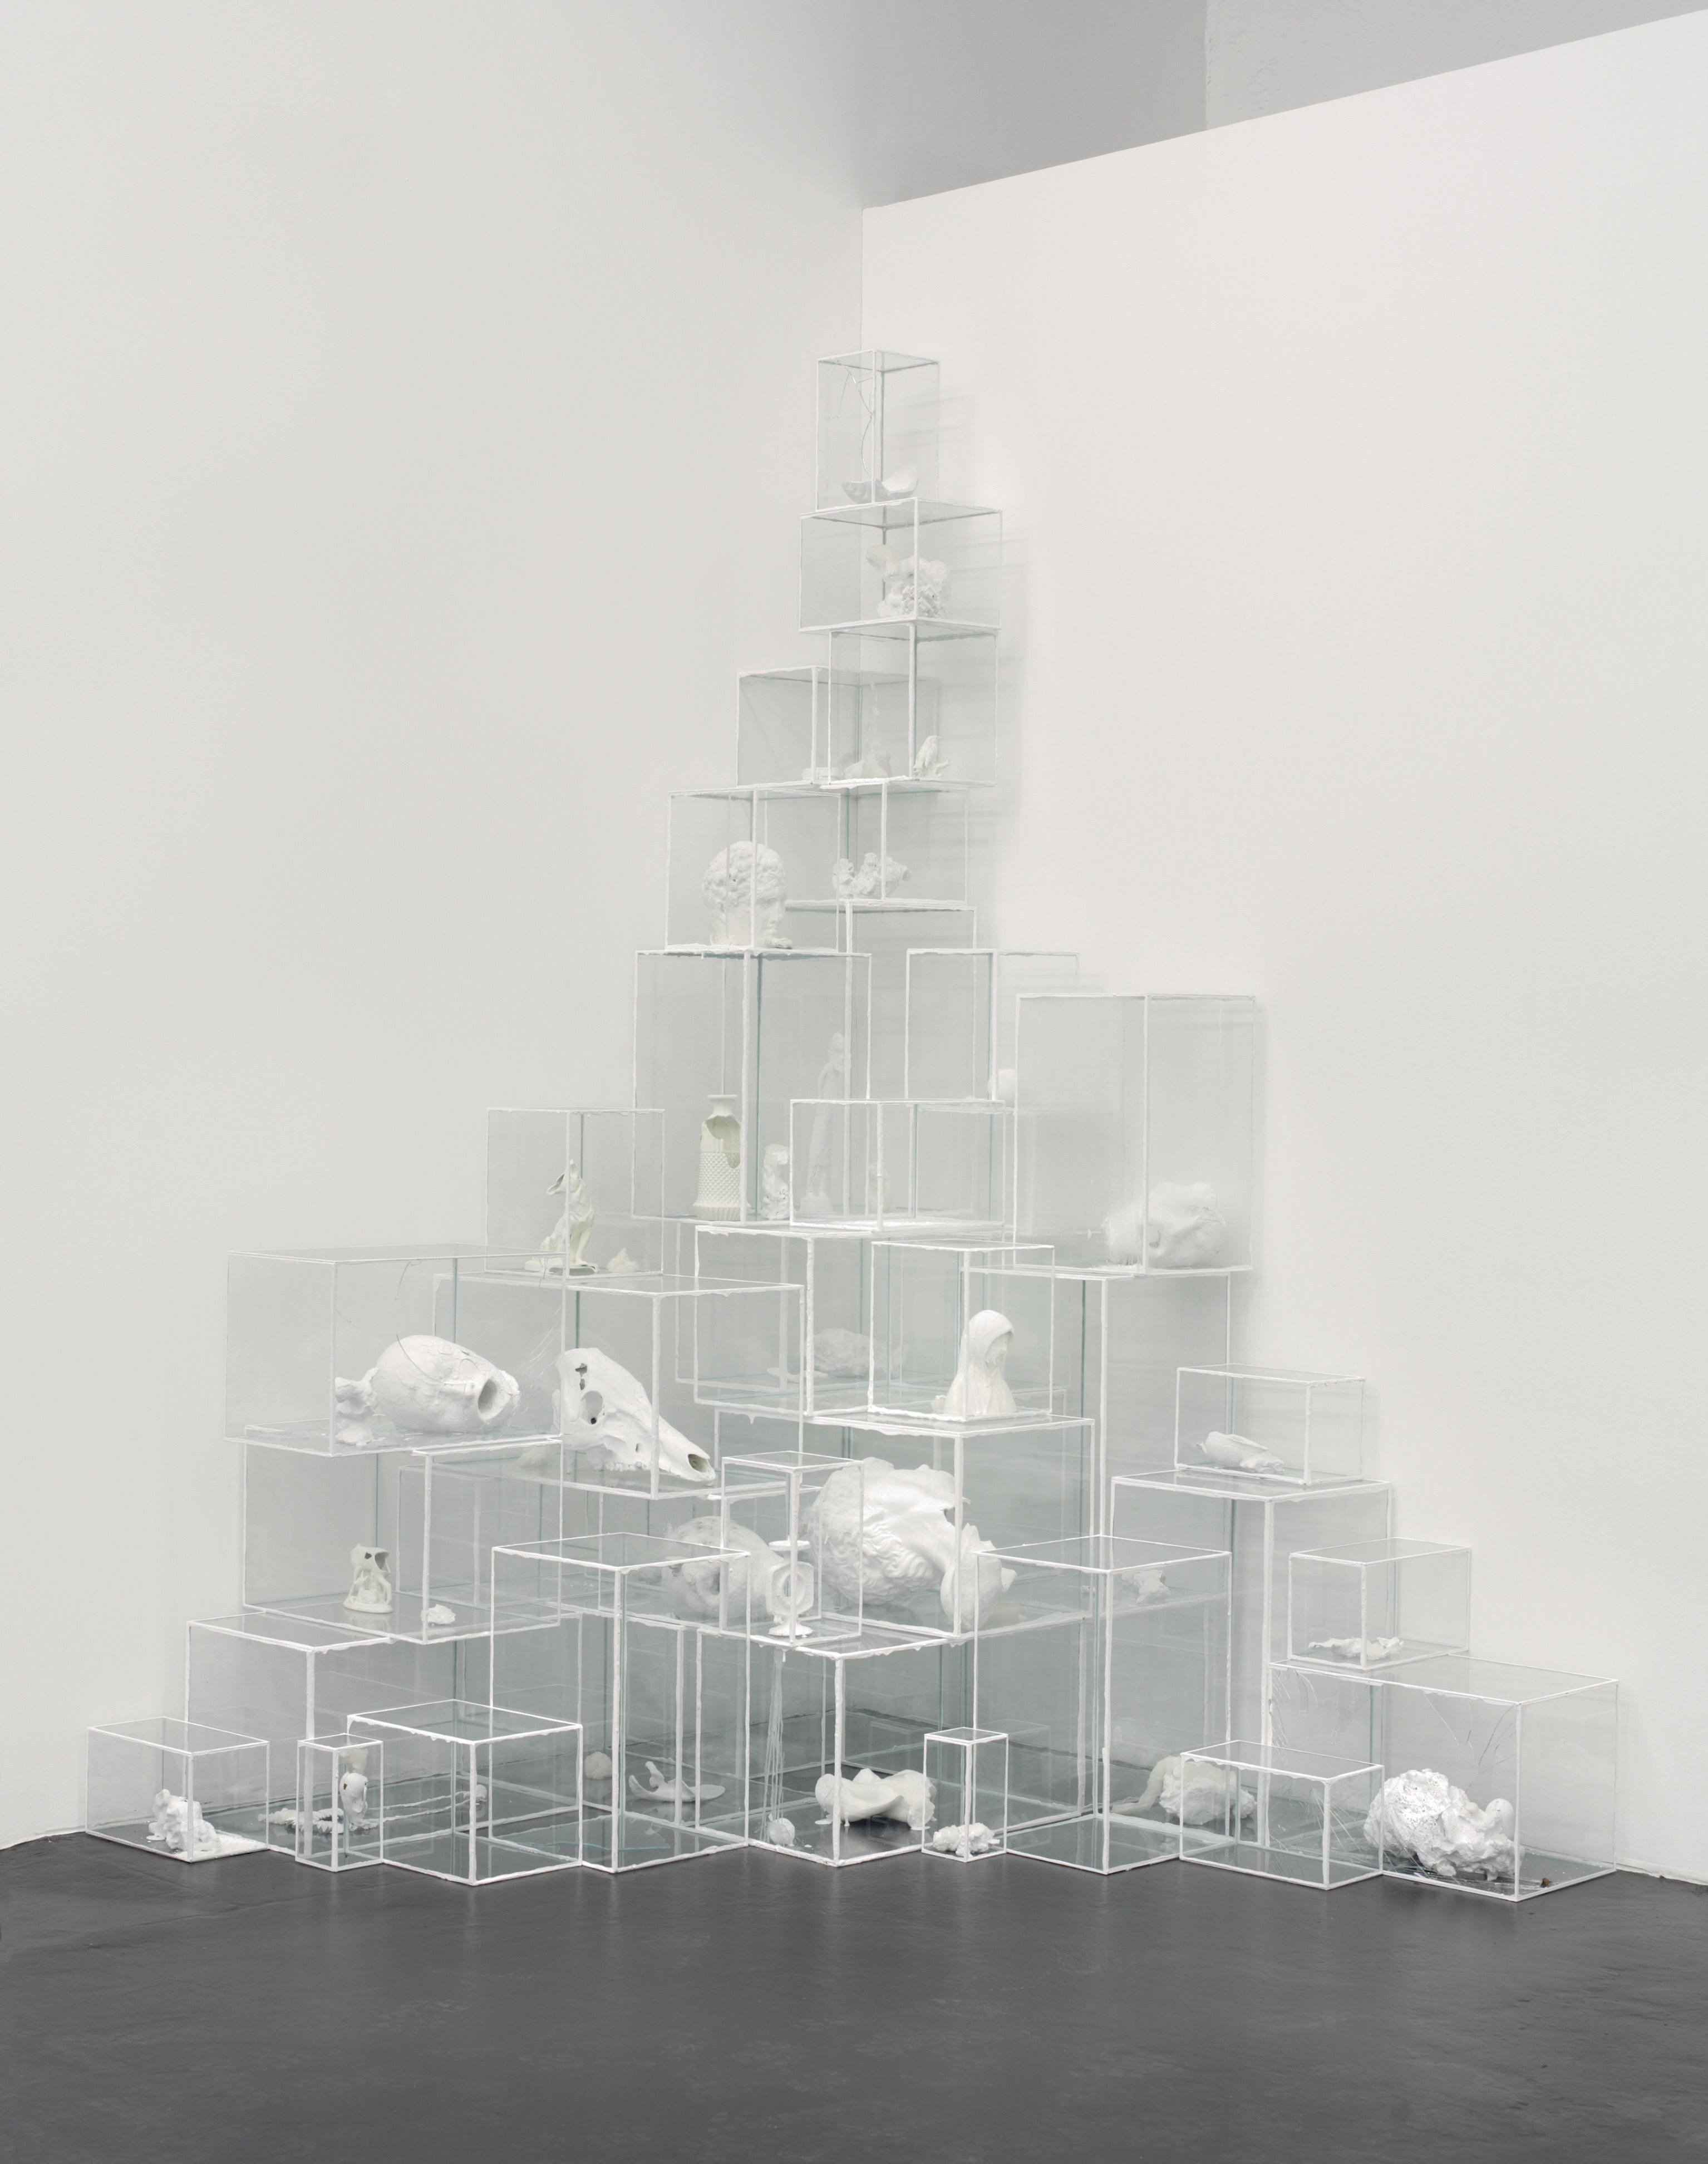 Terence Koh, Untitled (White Light #1), 2006. Installazione, materiali diversi tra cui vernice, gesso, cera, porcellana, legno, metallo, ossa, teschi, plastica, bronzo e materiali organici in 42 vetrine di vetro. Dimensioni variabili (in figura 272x185x190 cm). Collezione privata, Bologna